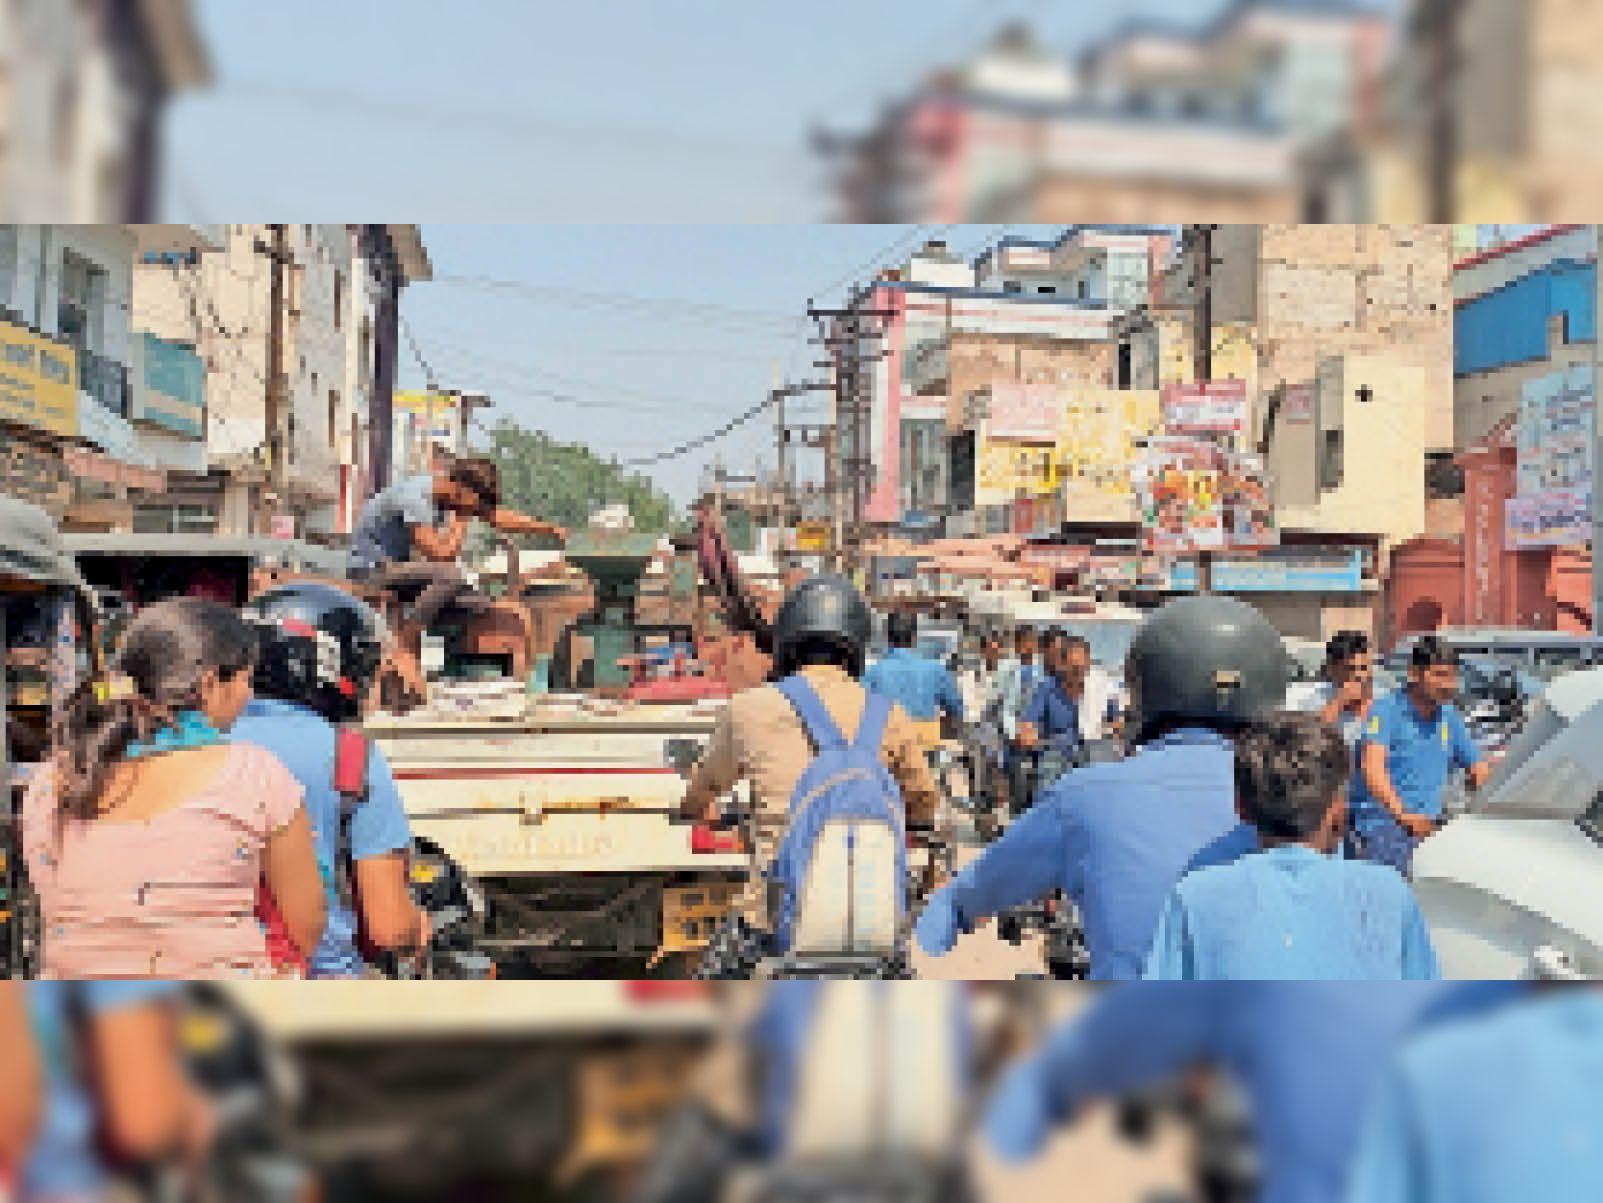 प्रथम नवरात्र पर शहर के बाजारों में लगा रहा जाम। - Dainik Bhaskar